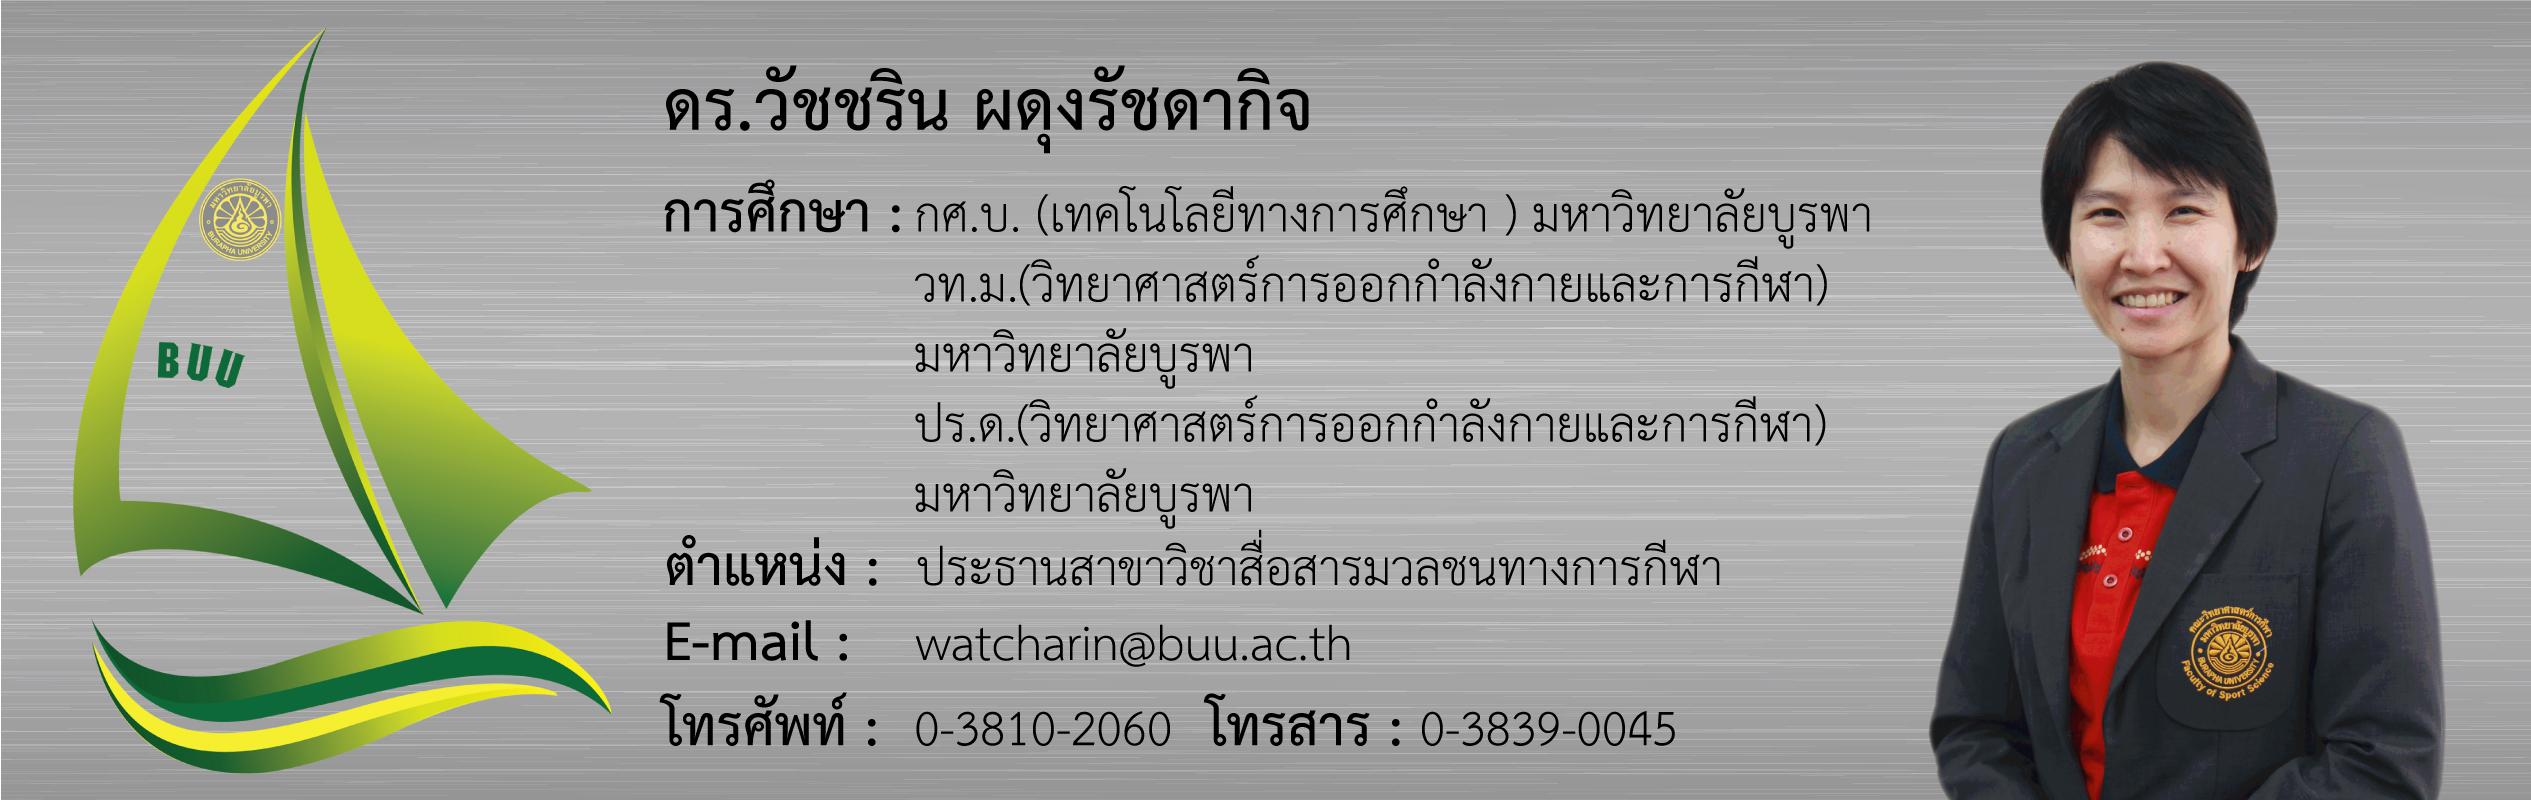 อ.วัชชริน 01